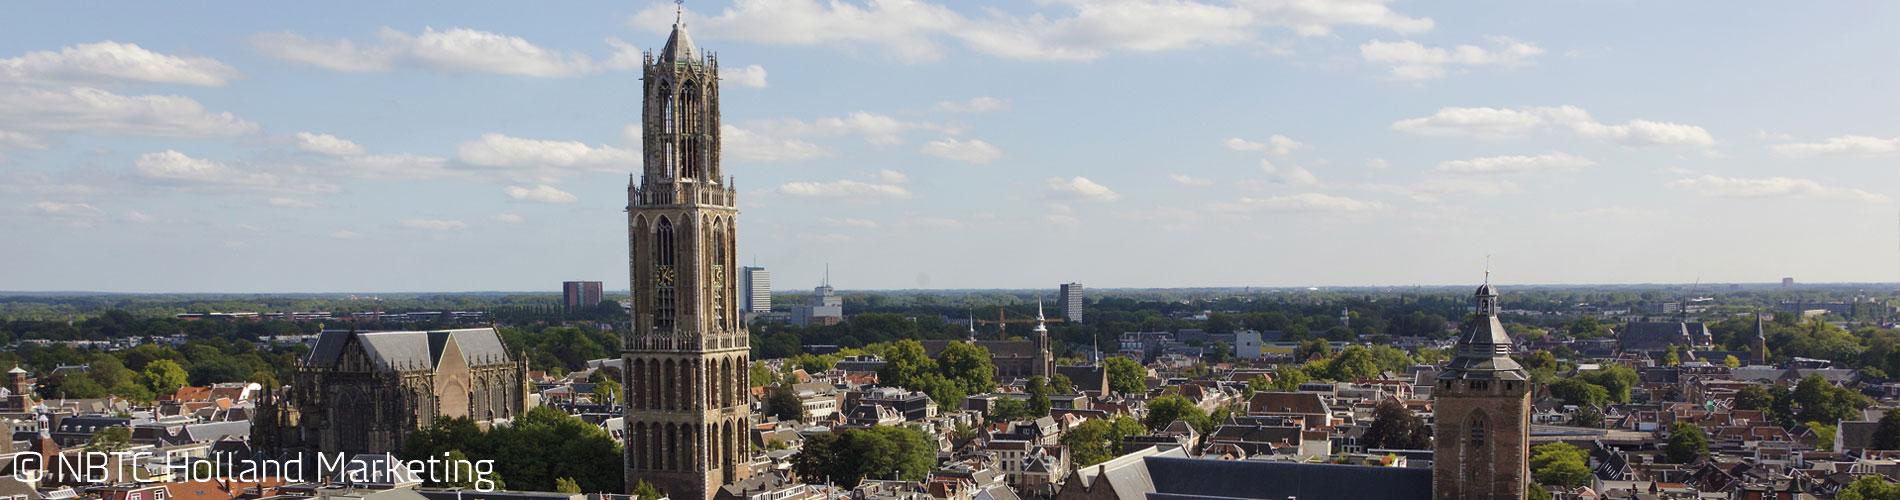 Blog_20for20_Utrecht_1900x500_Q120